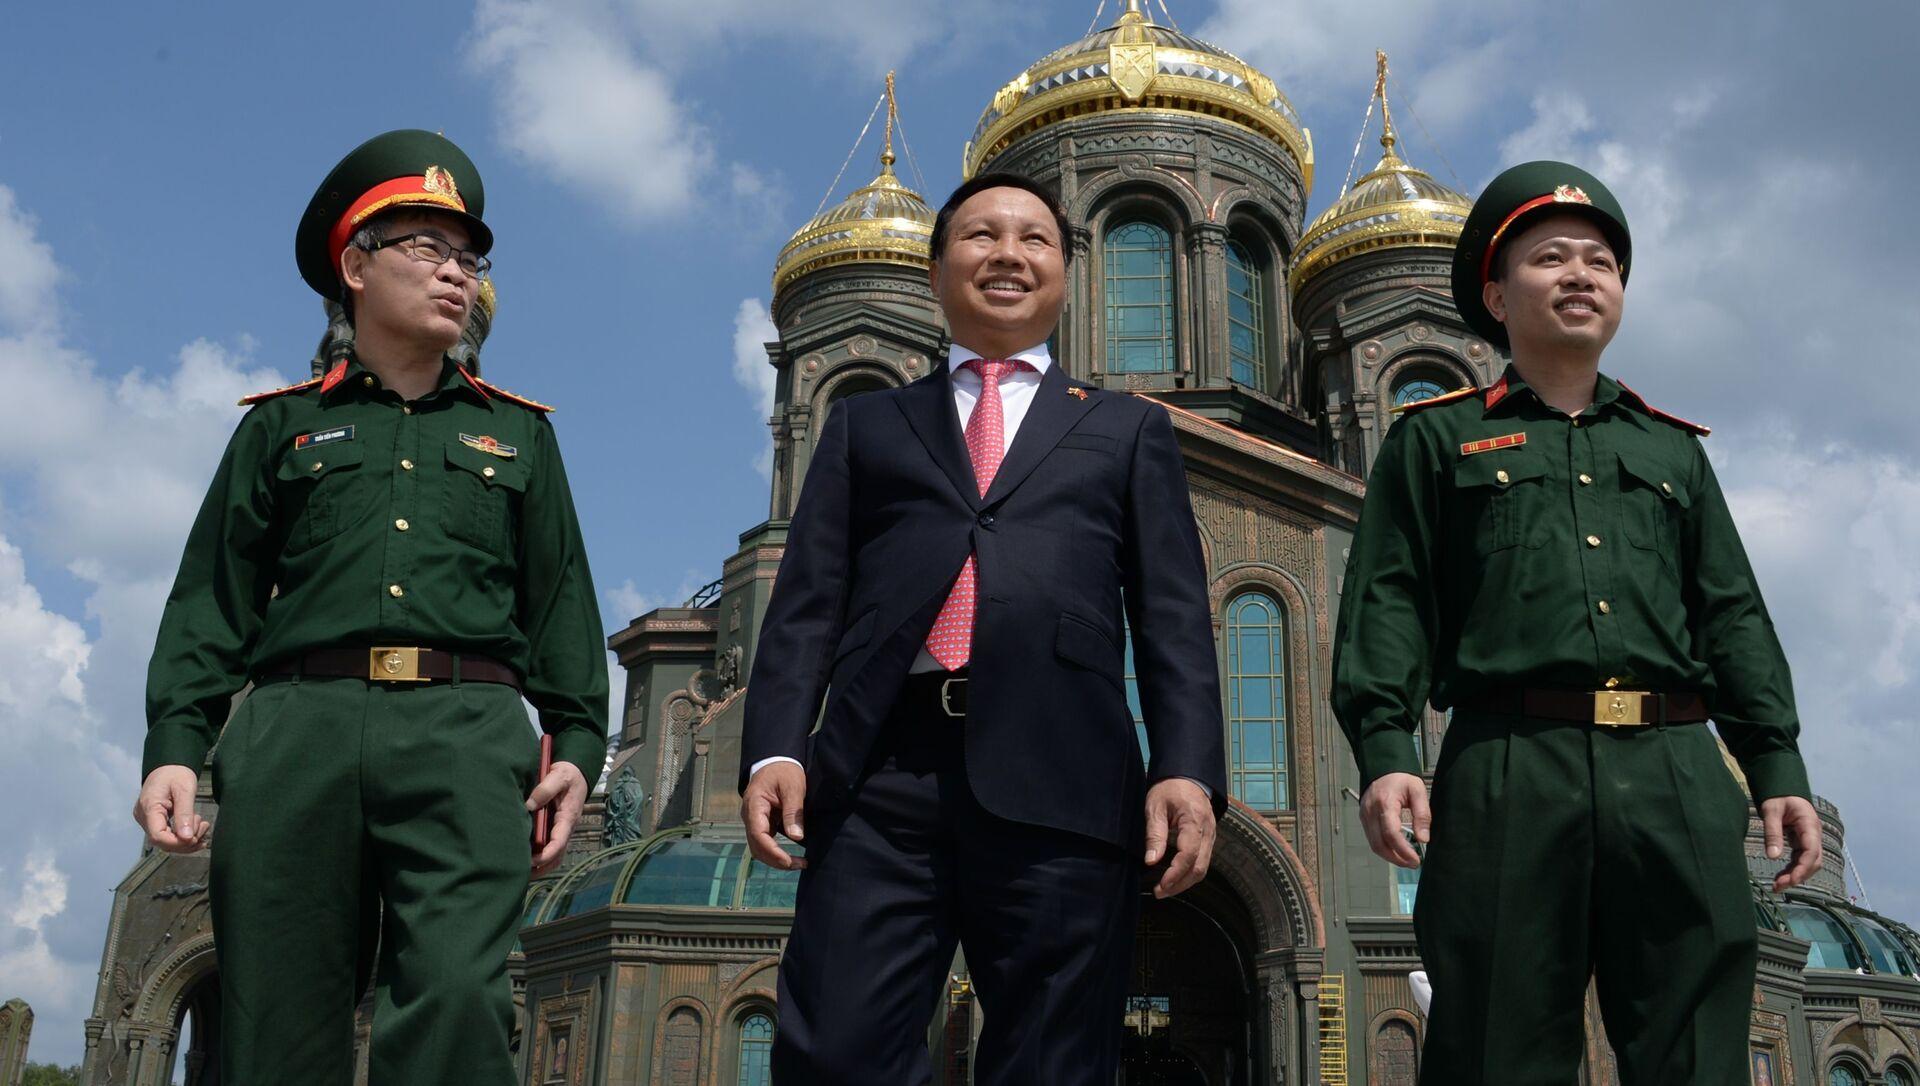 Đại sứ Việt Nam tại Nga Ngô Đức Mạnh trong chuyến thăm Giáo đường chính của Lực lượng Vũ trang Liên bang Nga tại công viên Ái Quốc (Patriot), ngoại ô Moskva - Sputnik Việt Nam, 1920, 13.04.2021